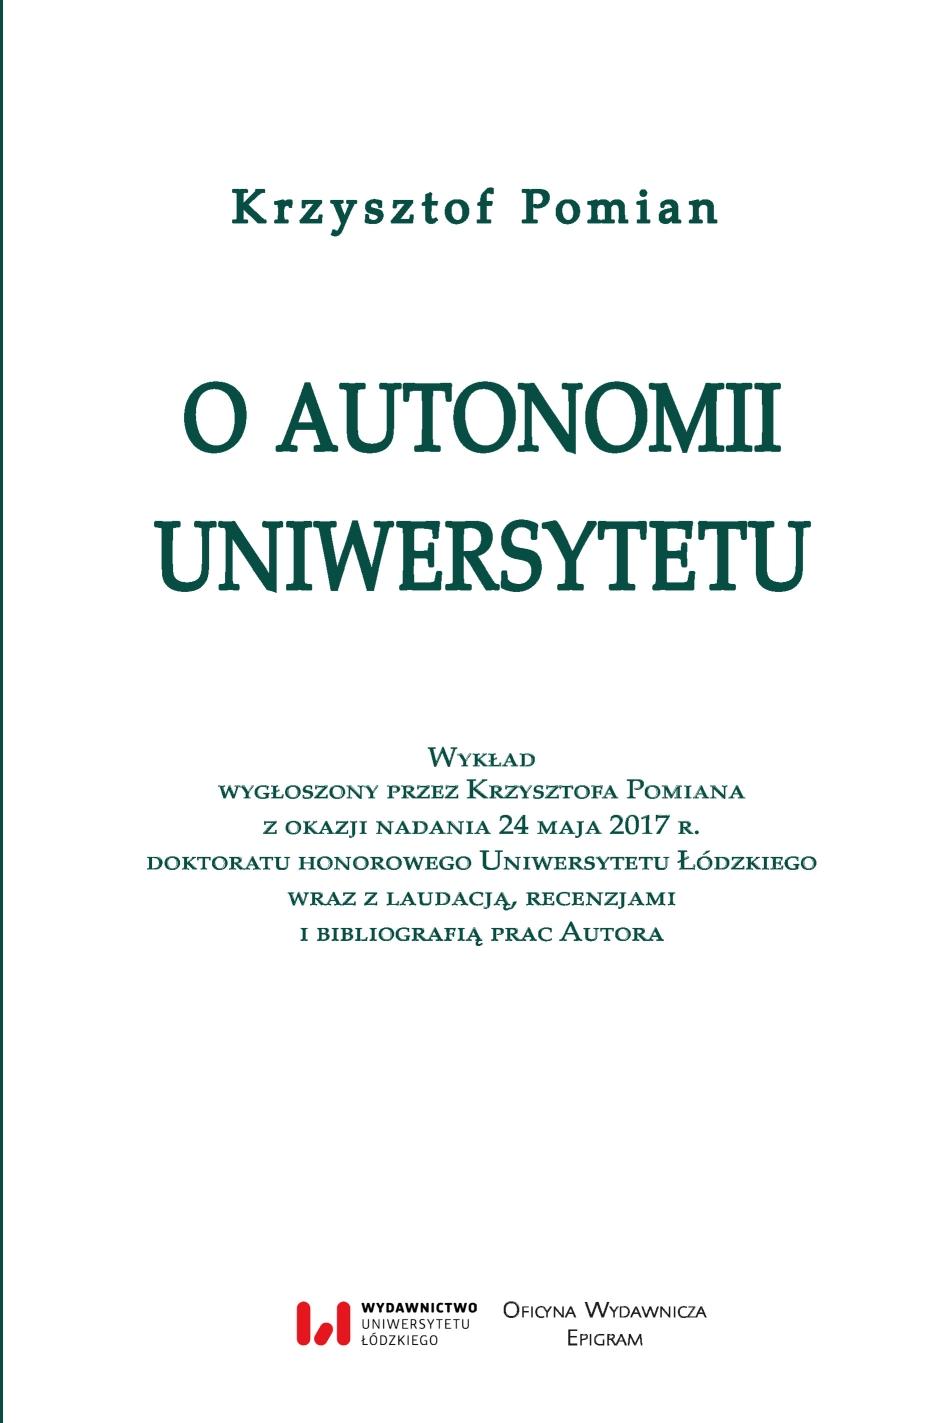 O autonomii uniwersytetu / Krzysztof Pomian okładka